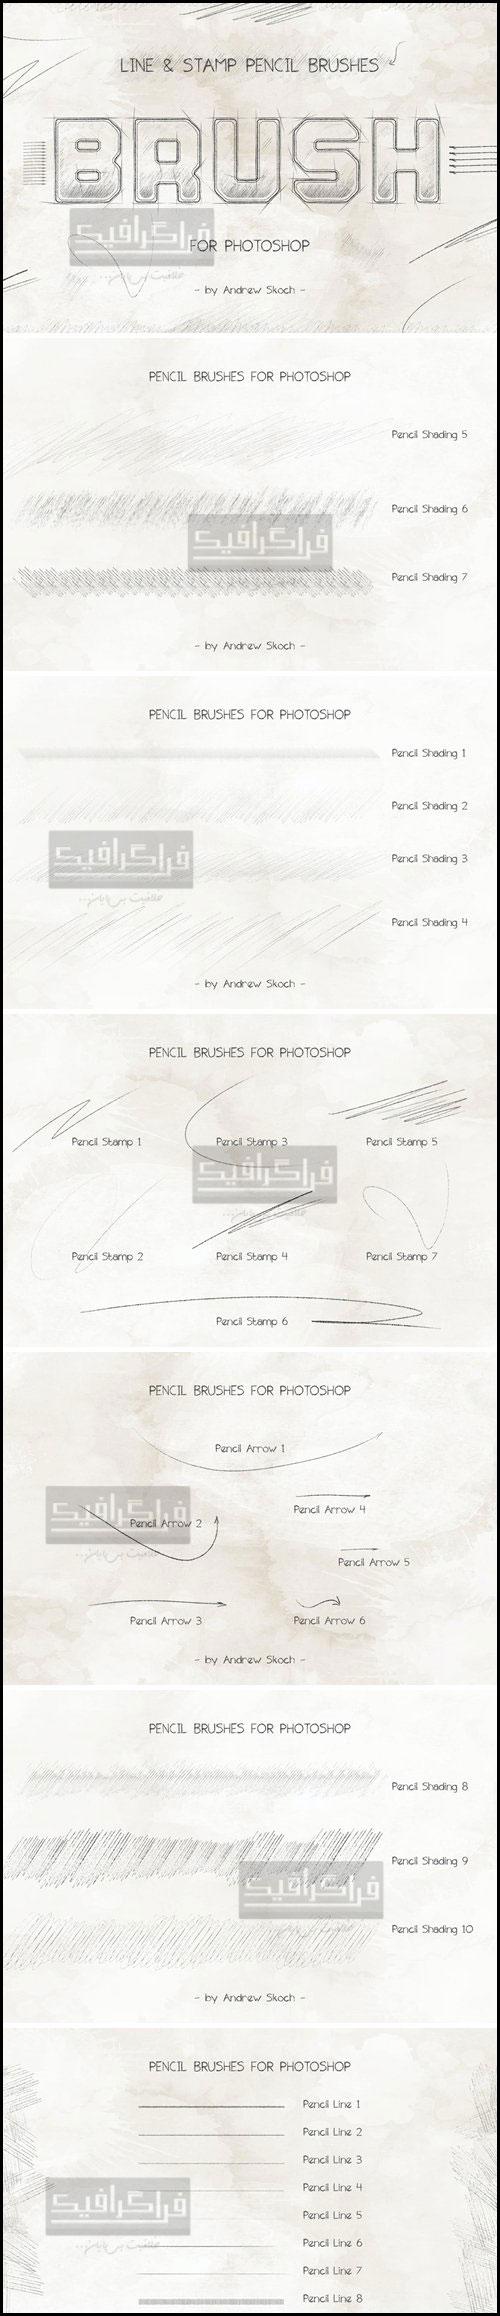 دانلود براش های فتوشاپ حرفه ای مداد - شماره 3